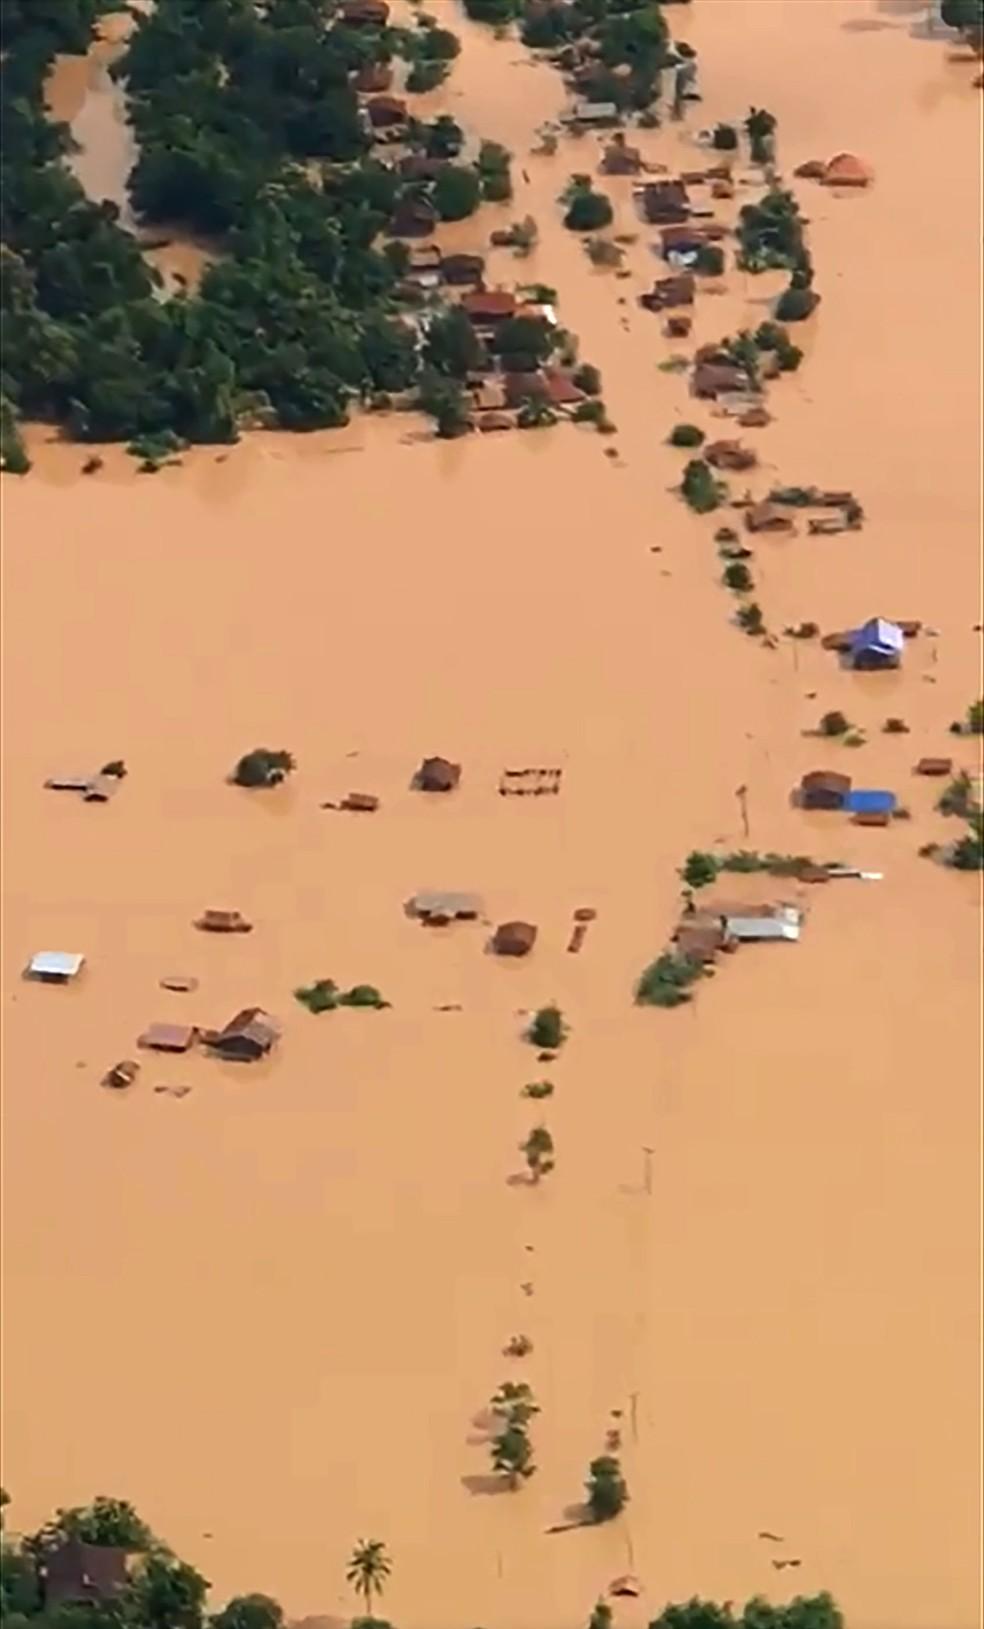 laos1 - Represa se rompe e deixa centenas de desaparecidos no Laos